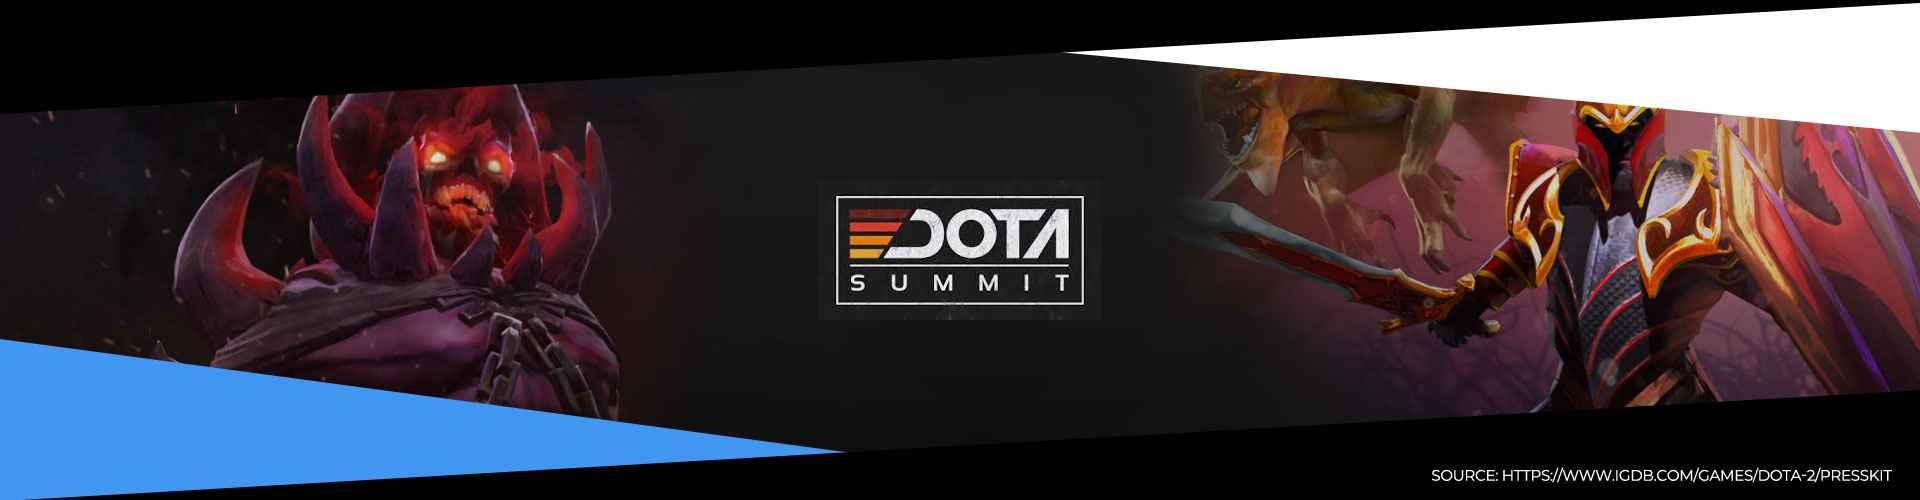 Denna eventsida för Dota Summit 11 innehåller all information om turneringen.